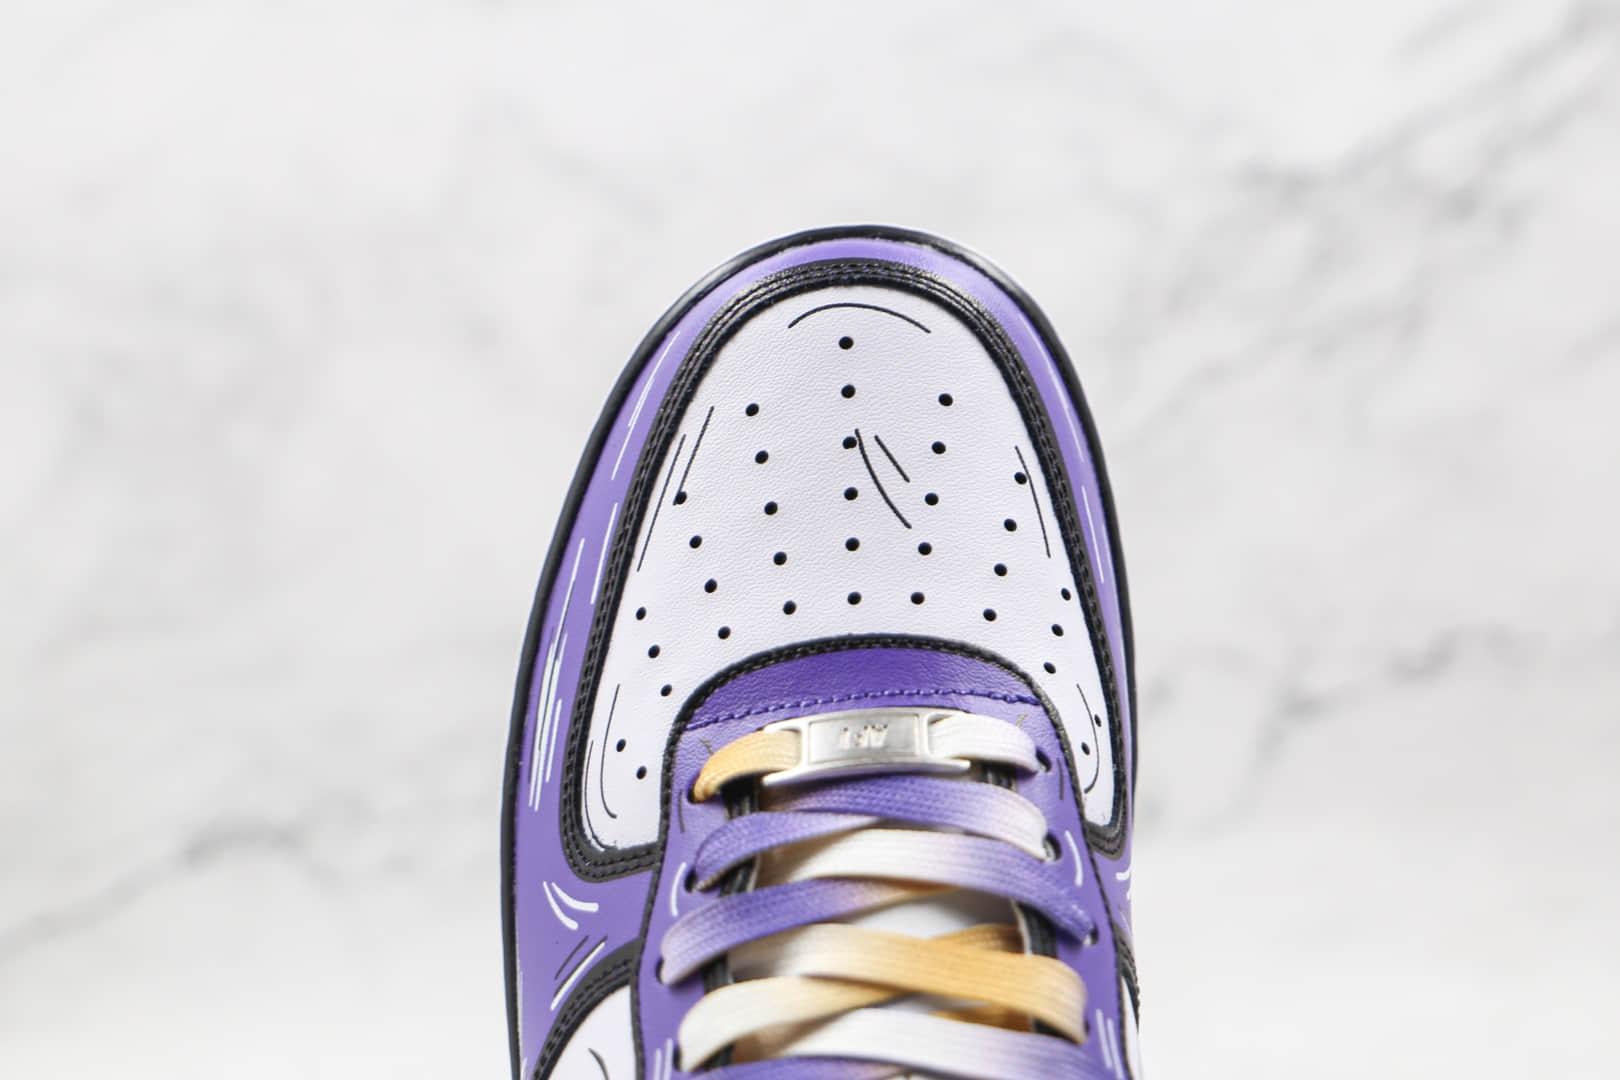 耐克Nike Air Force 1 Low Leopard纯原版本低帮空军一号紫金涂鸦板鞋原盒原标 货号:CW2288-216